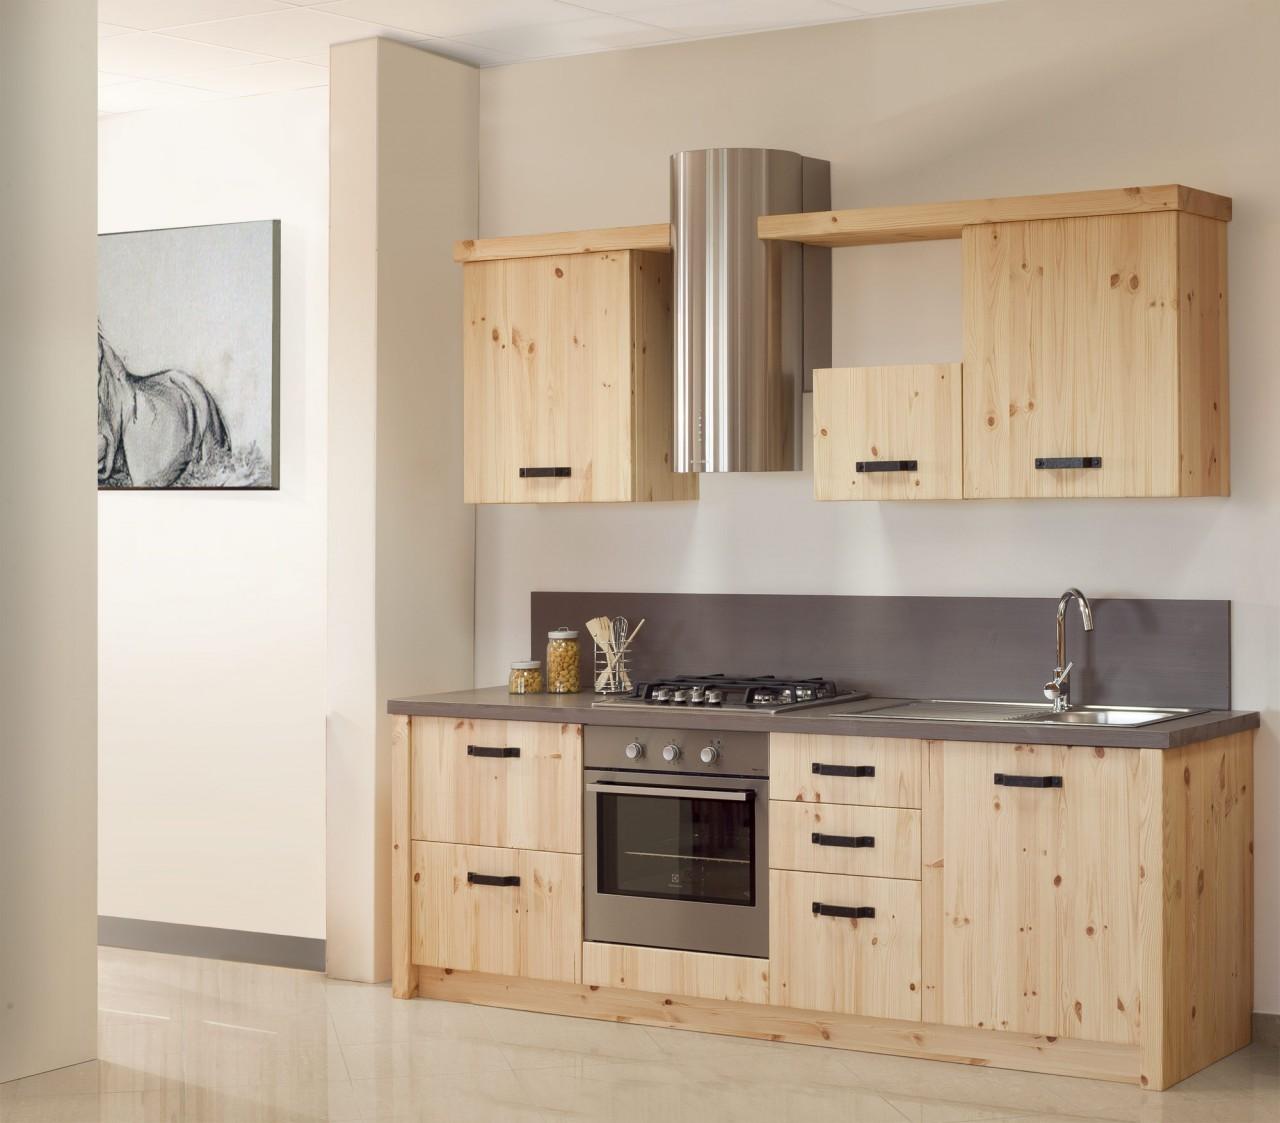 Cucine rustica cucina milano arredamenti rustici - Cucina molecolare milano ...